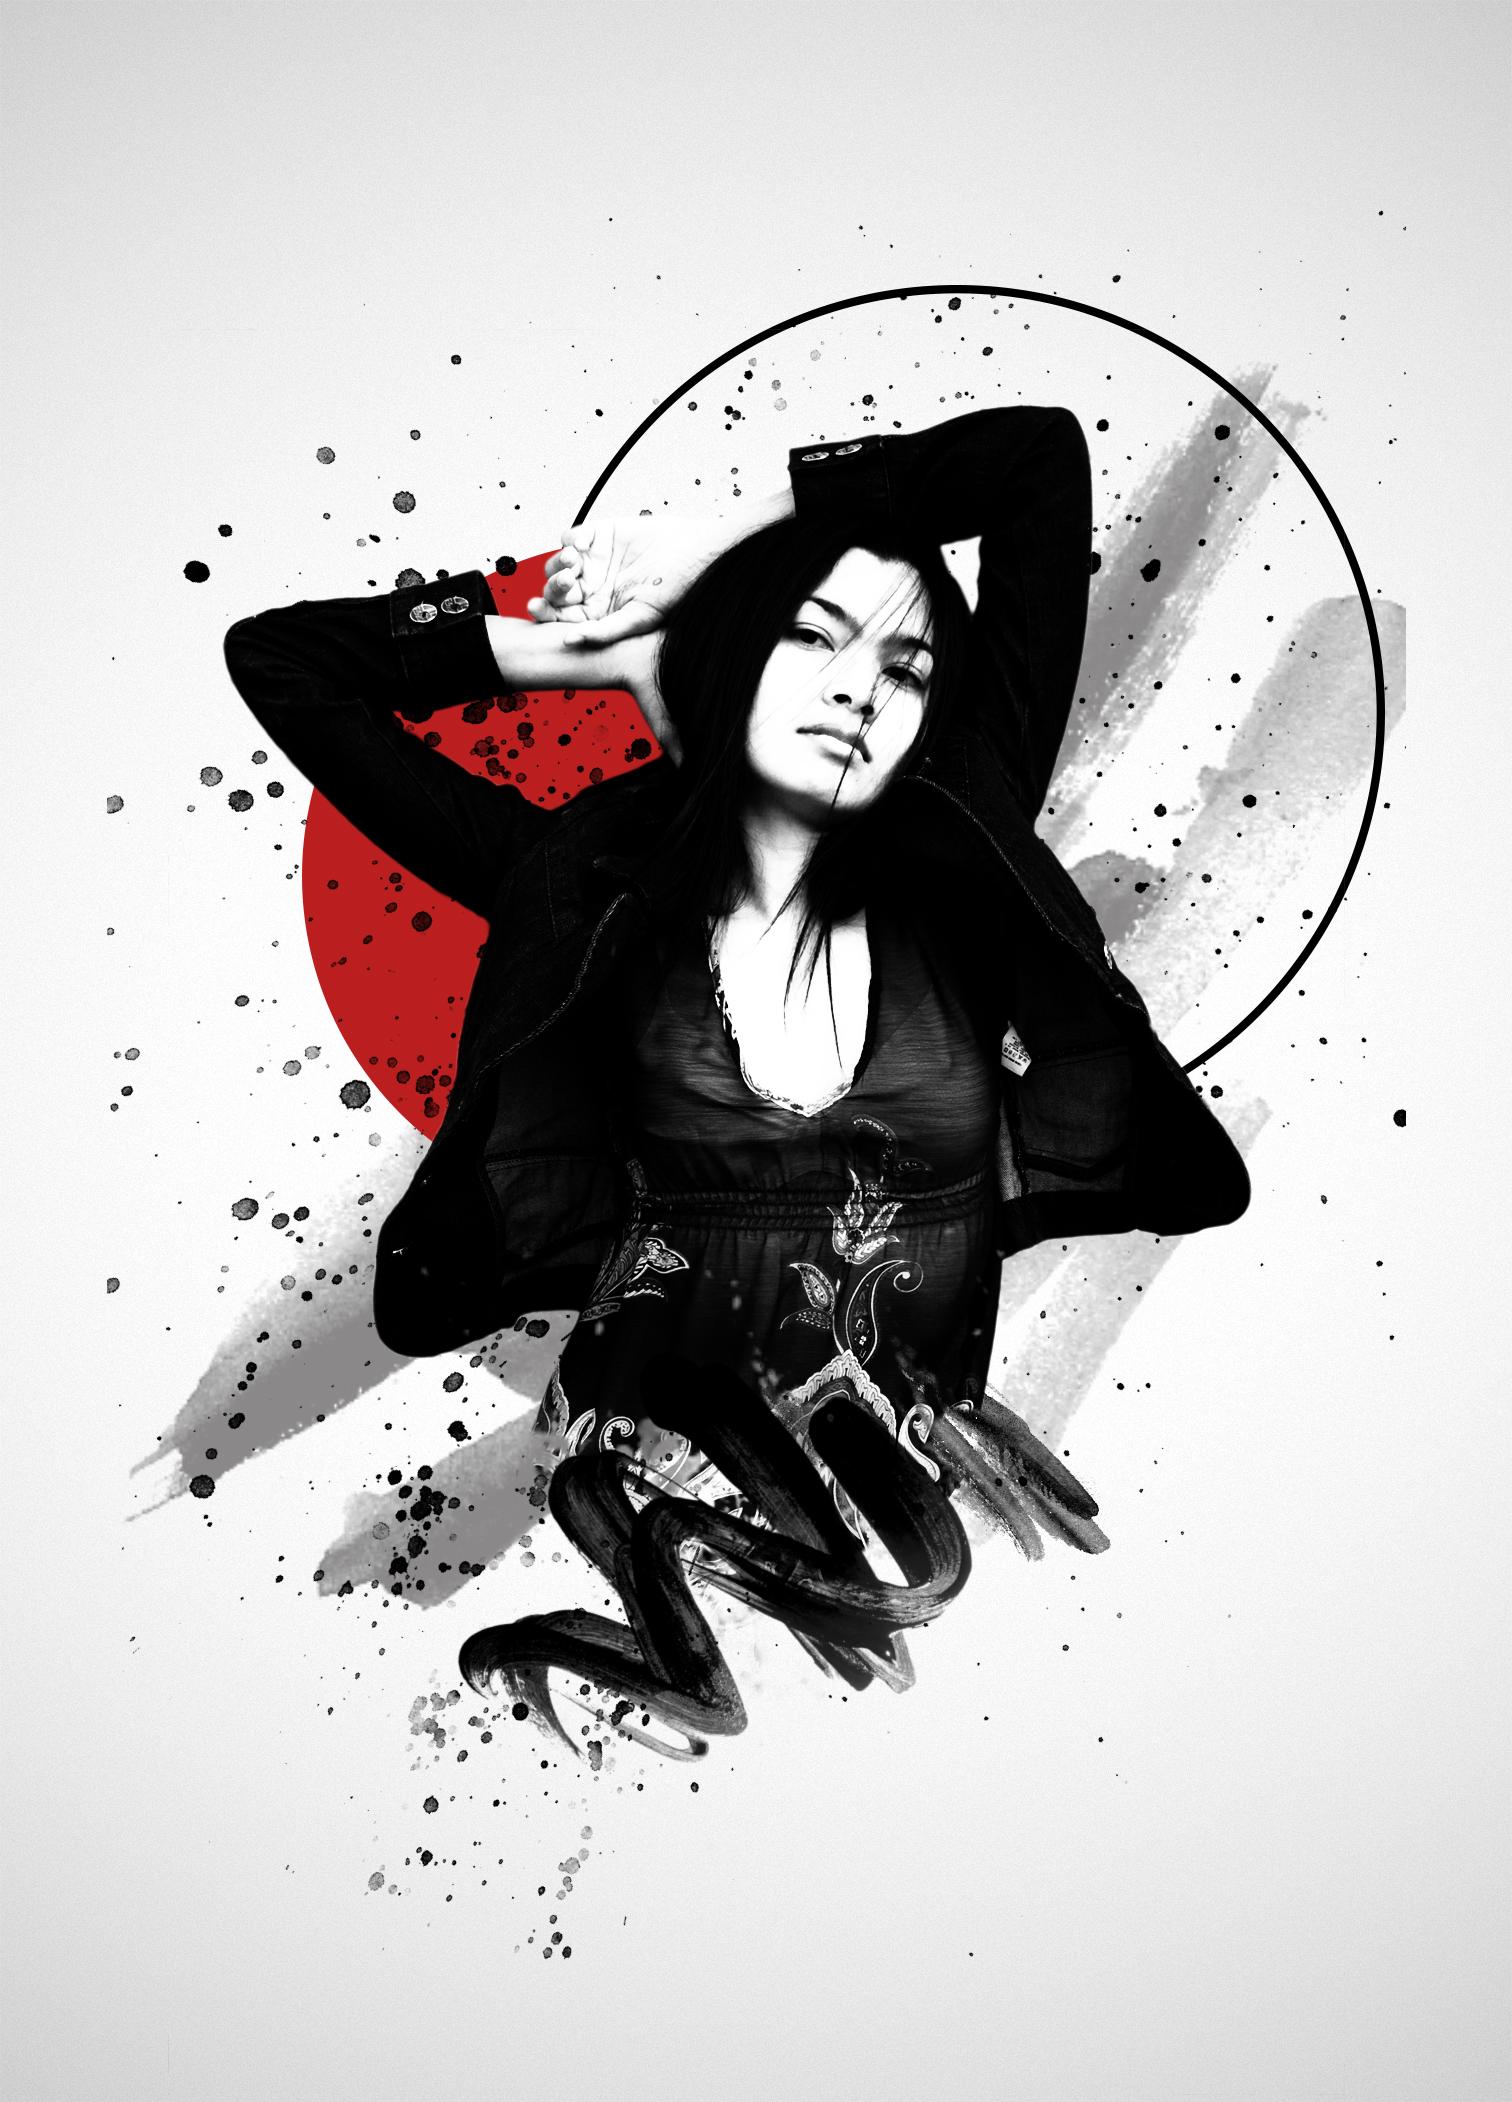 Decompose splatter portrait by fantasmadesign